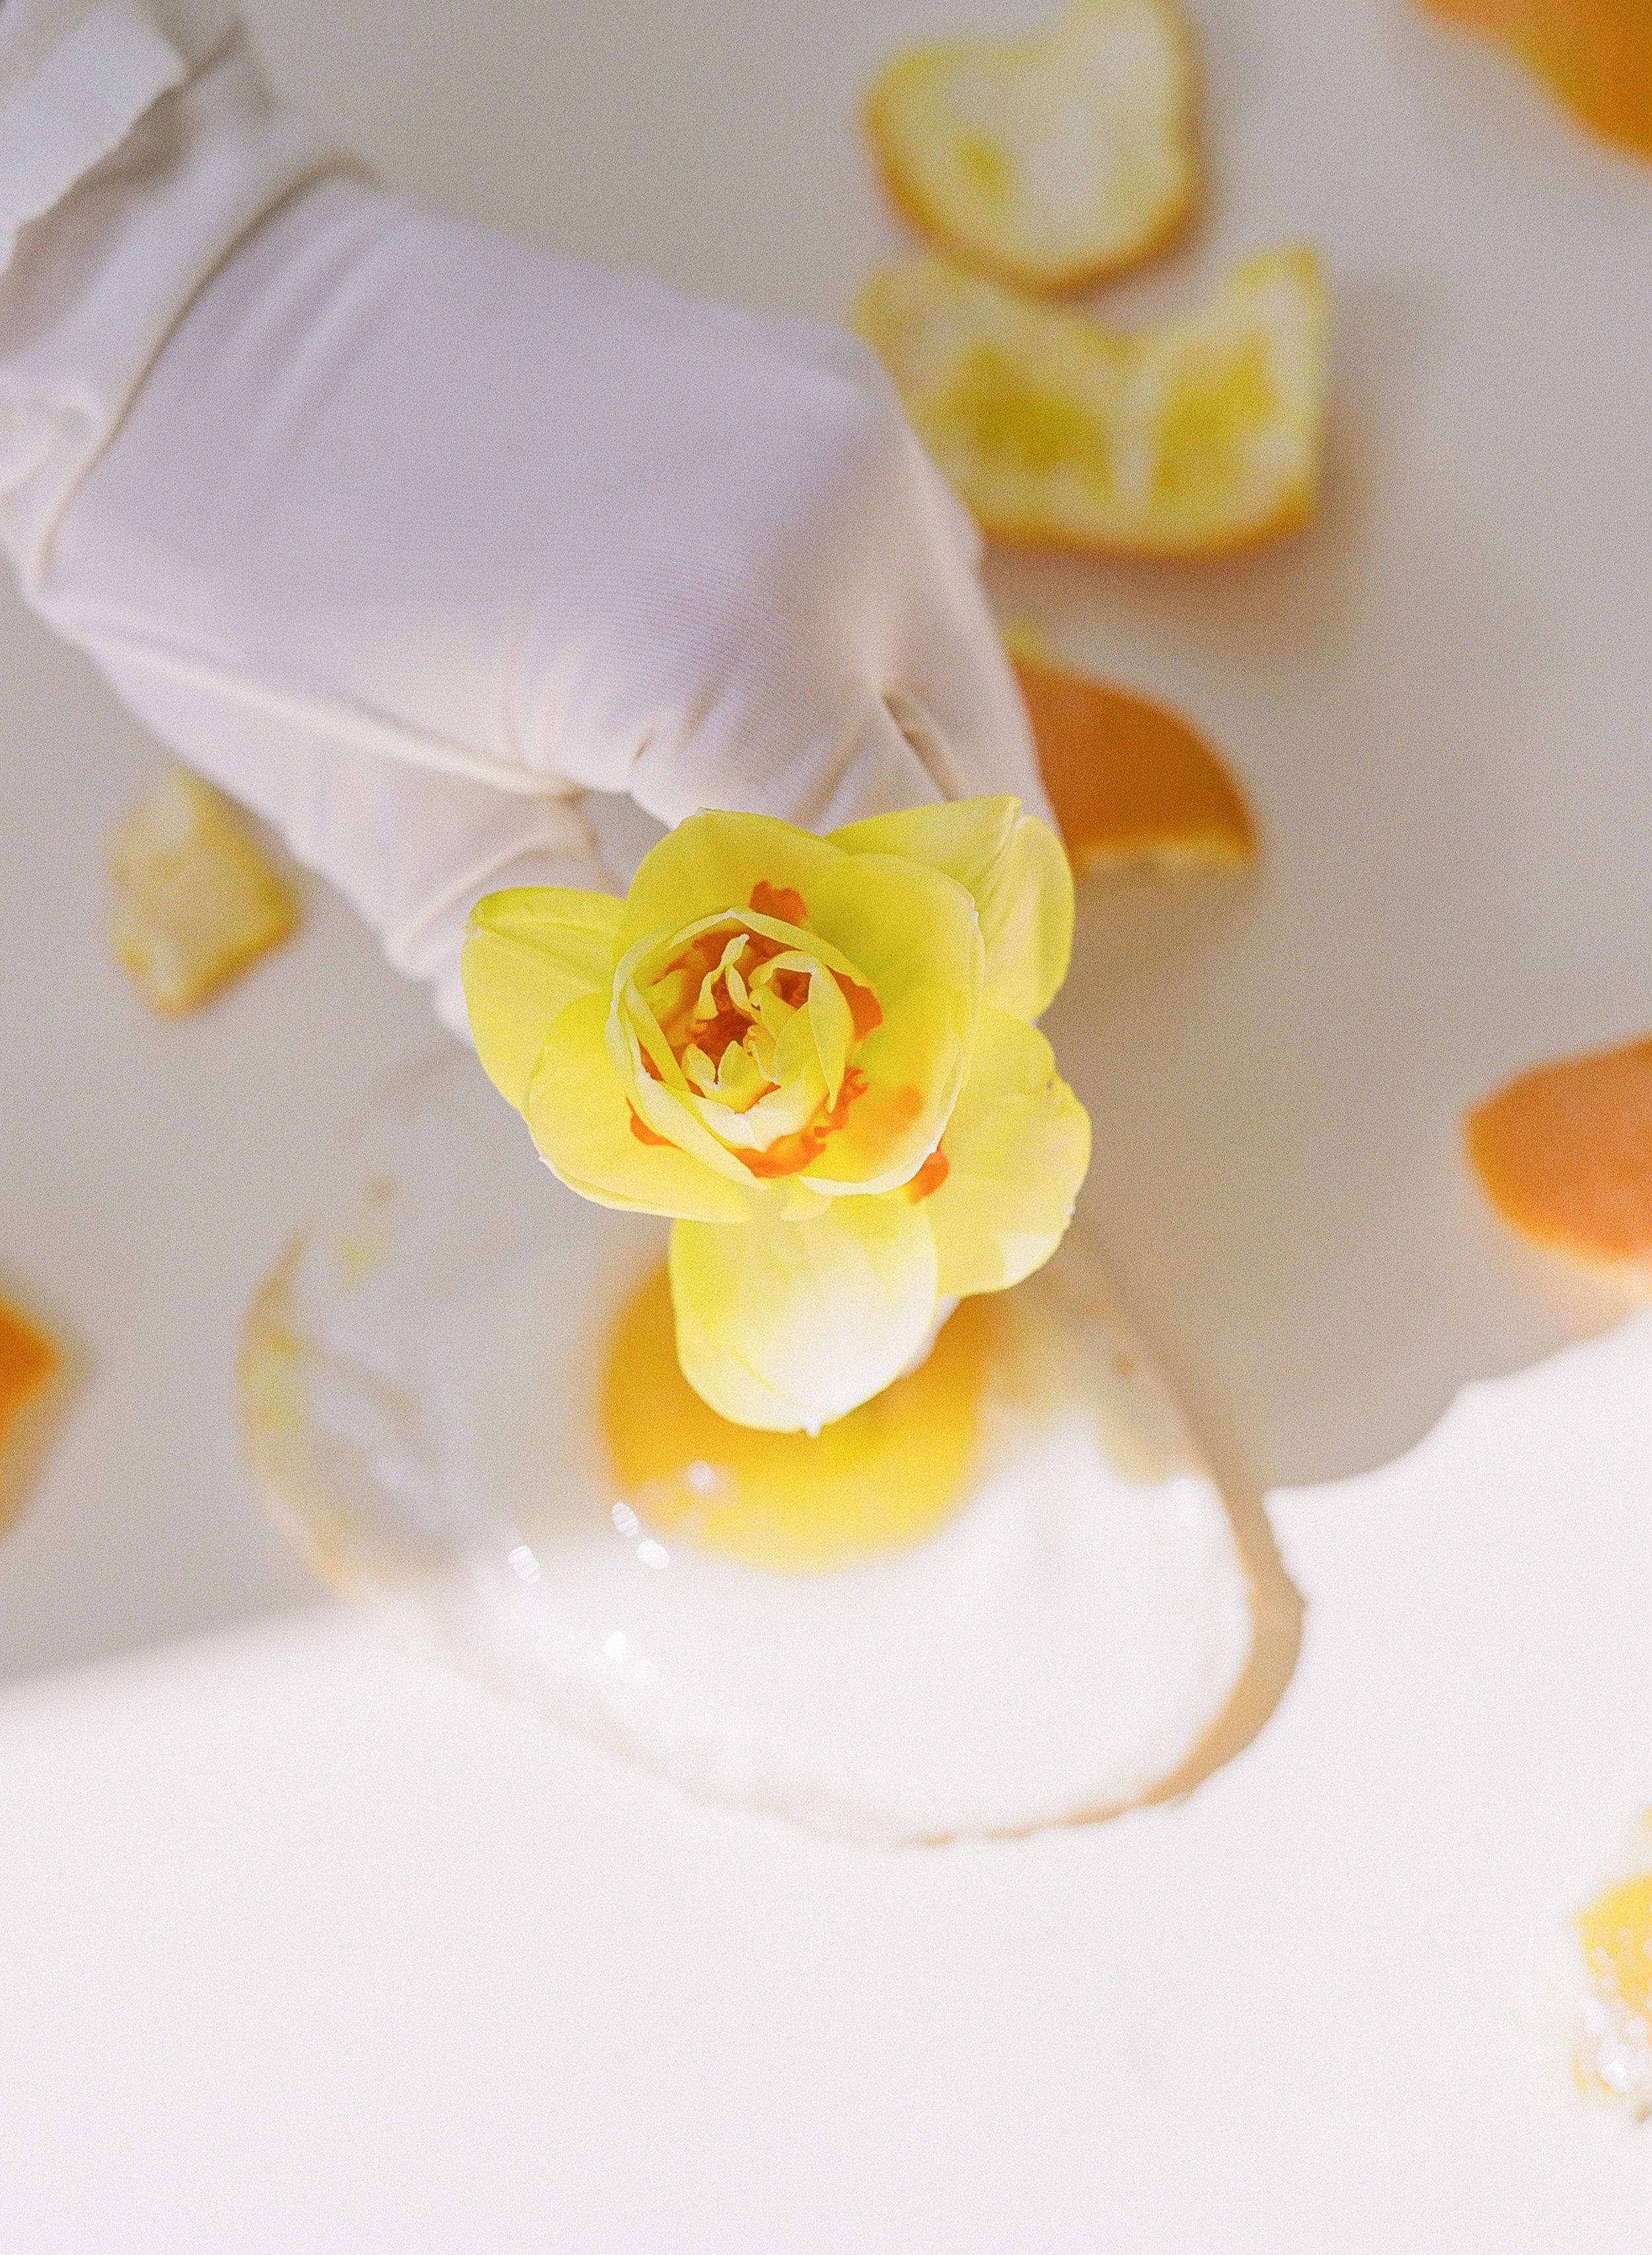 042_FriedEggs&Flowers.jpg